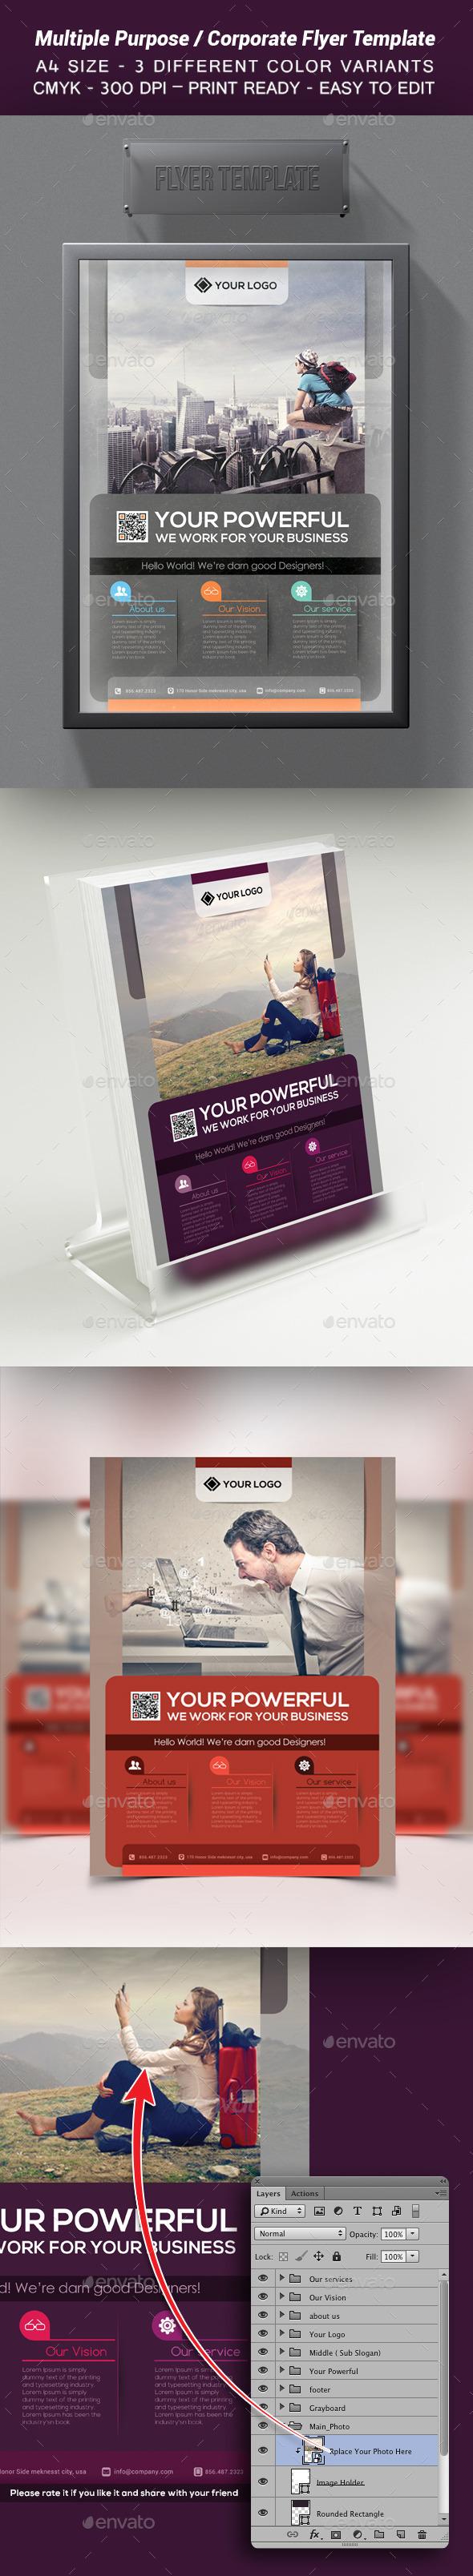 Multiple Purpose / Corporate Flyer Template - Corporate Business Cards